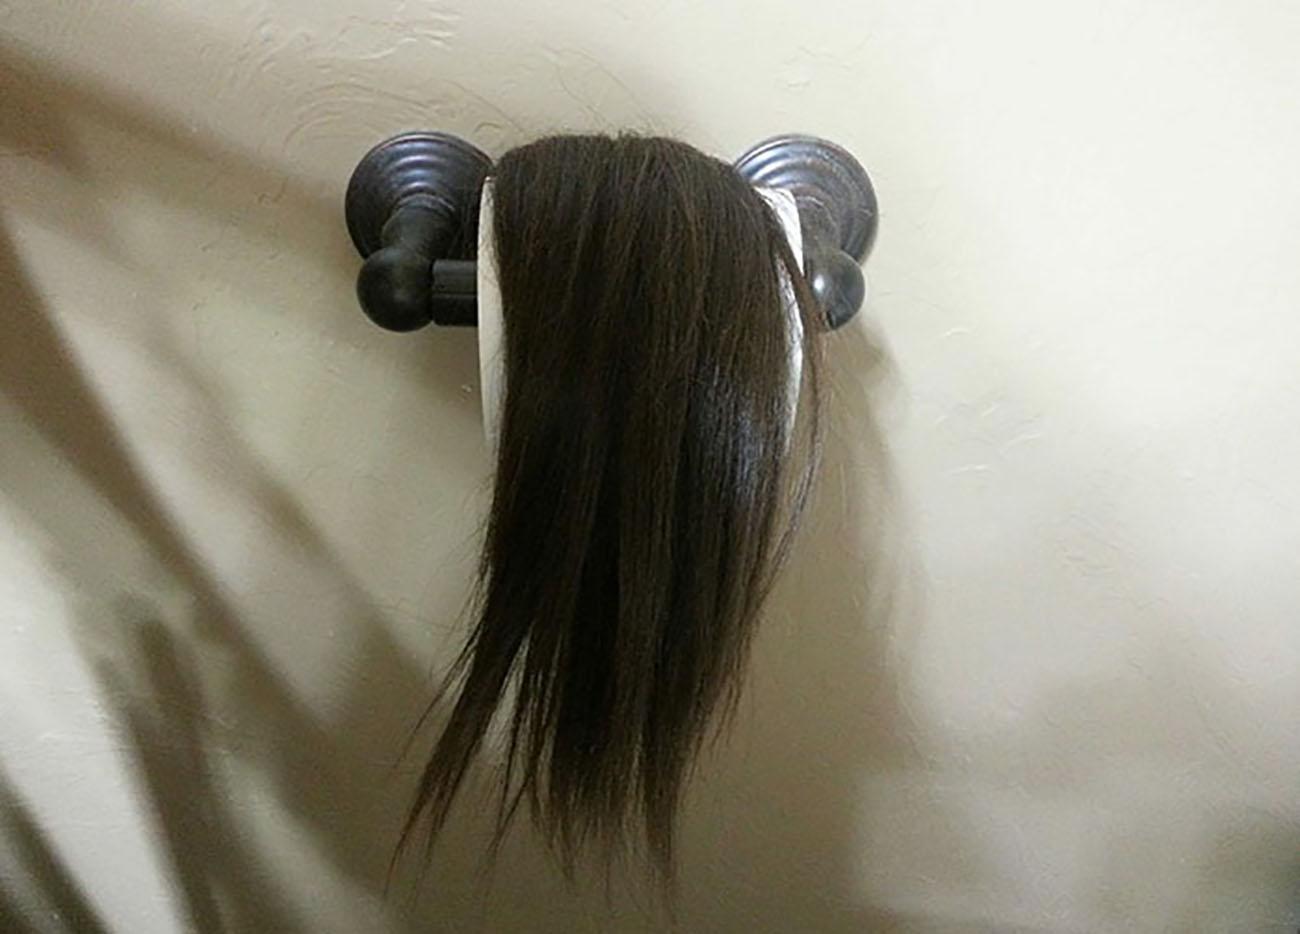 cabello enredado en rollo de papel de baño